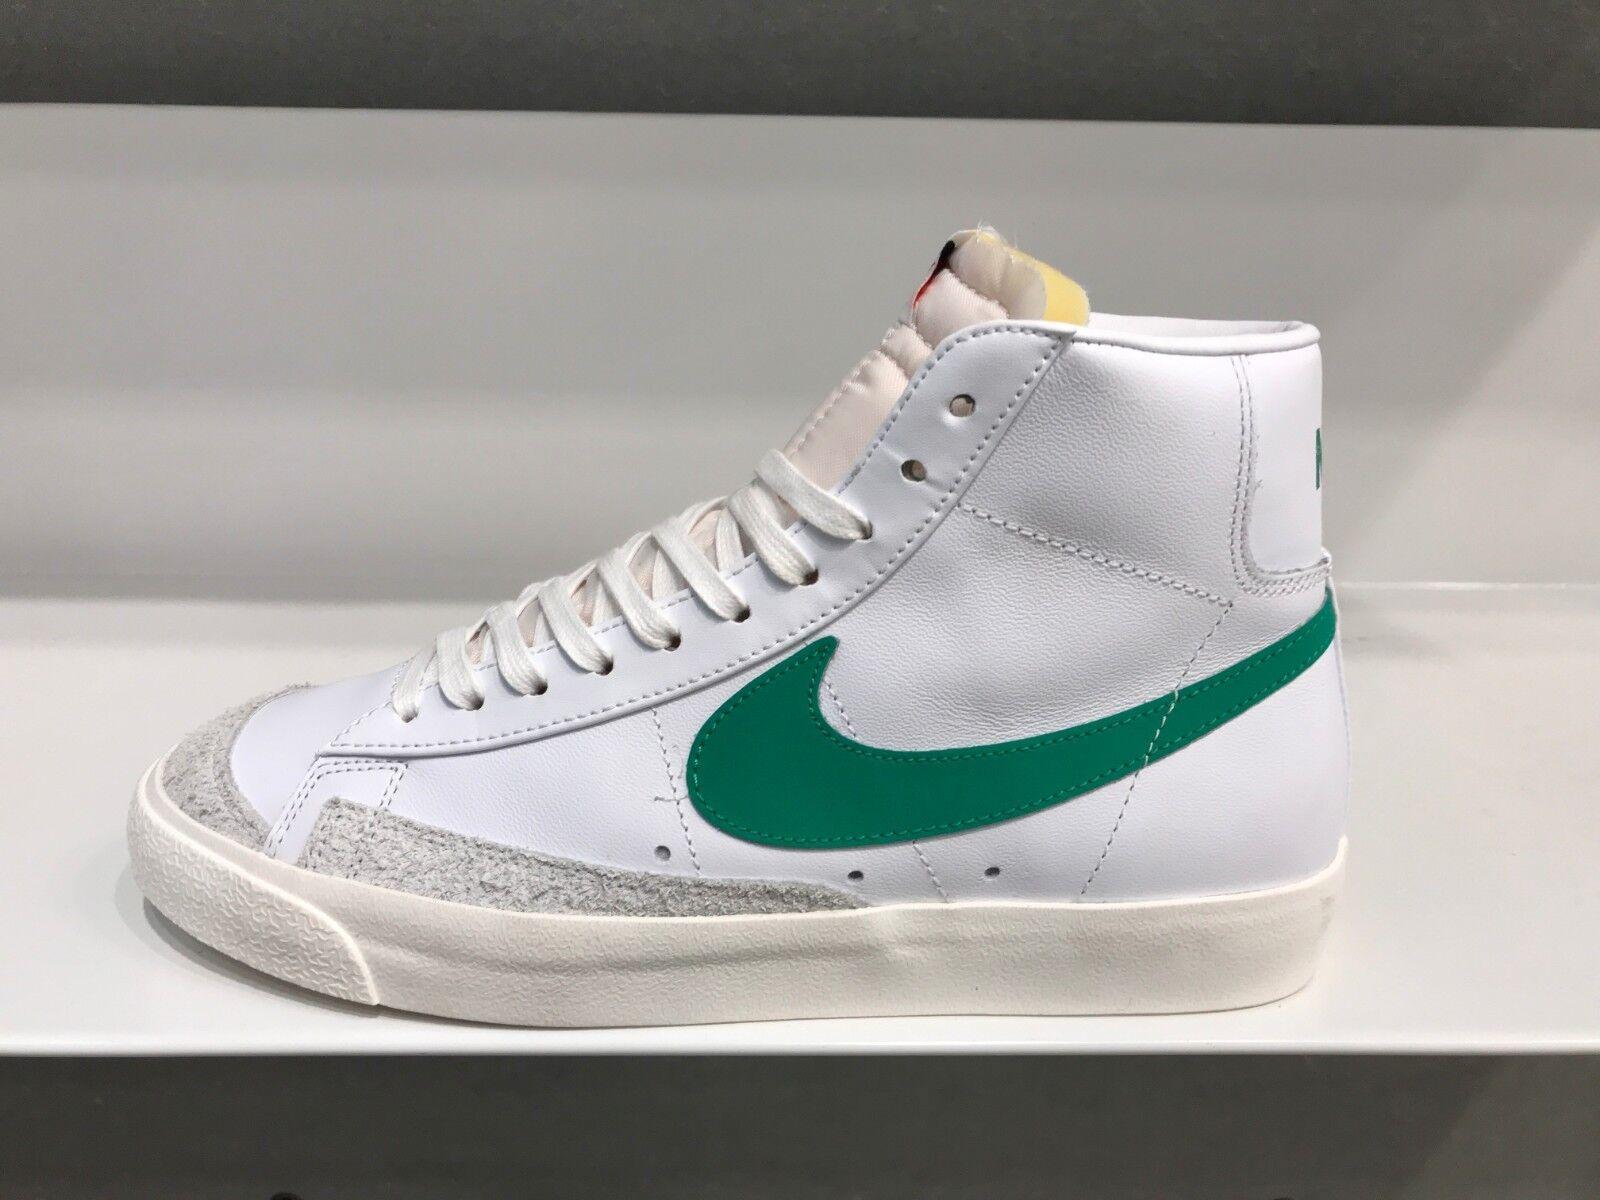 Envío ahora Nike Blazer Perfil Medio '77 Vntg 4-13 Lúcido verde Sail blancoo